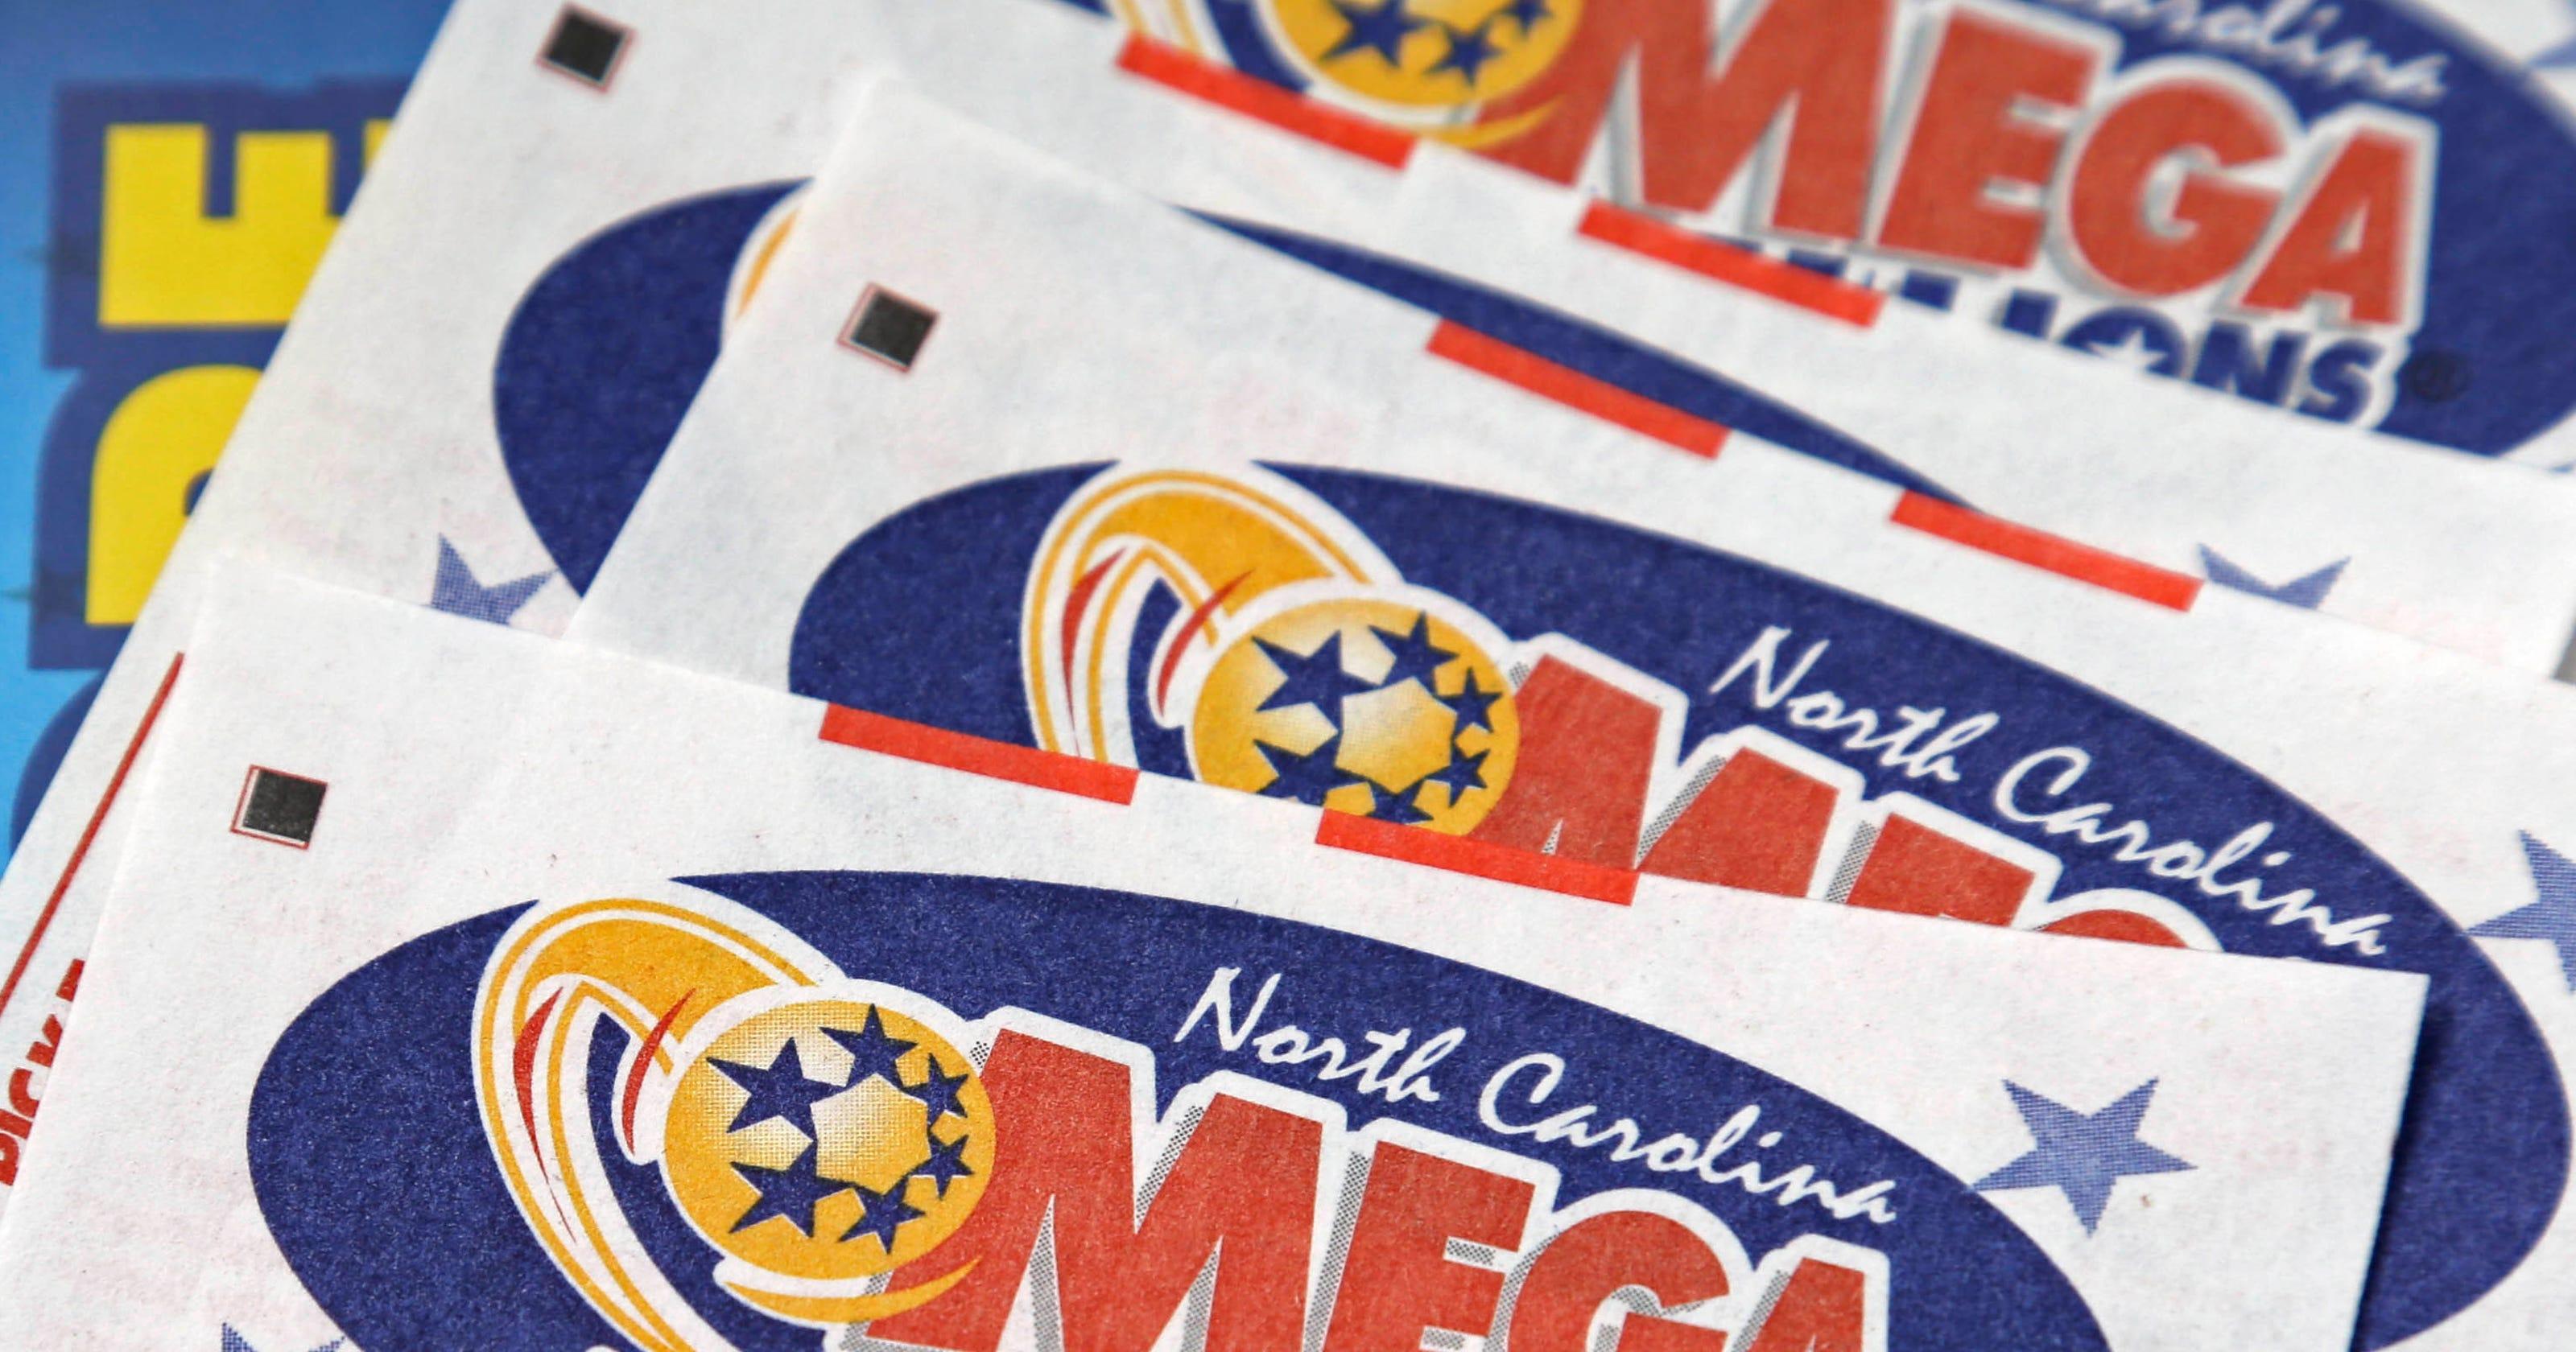 Two $1M Mega Millions winning tickets sold in Michigan